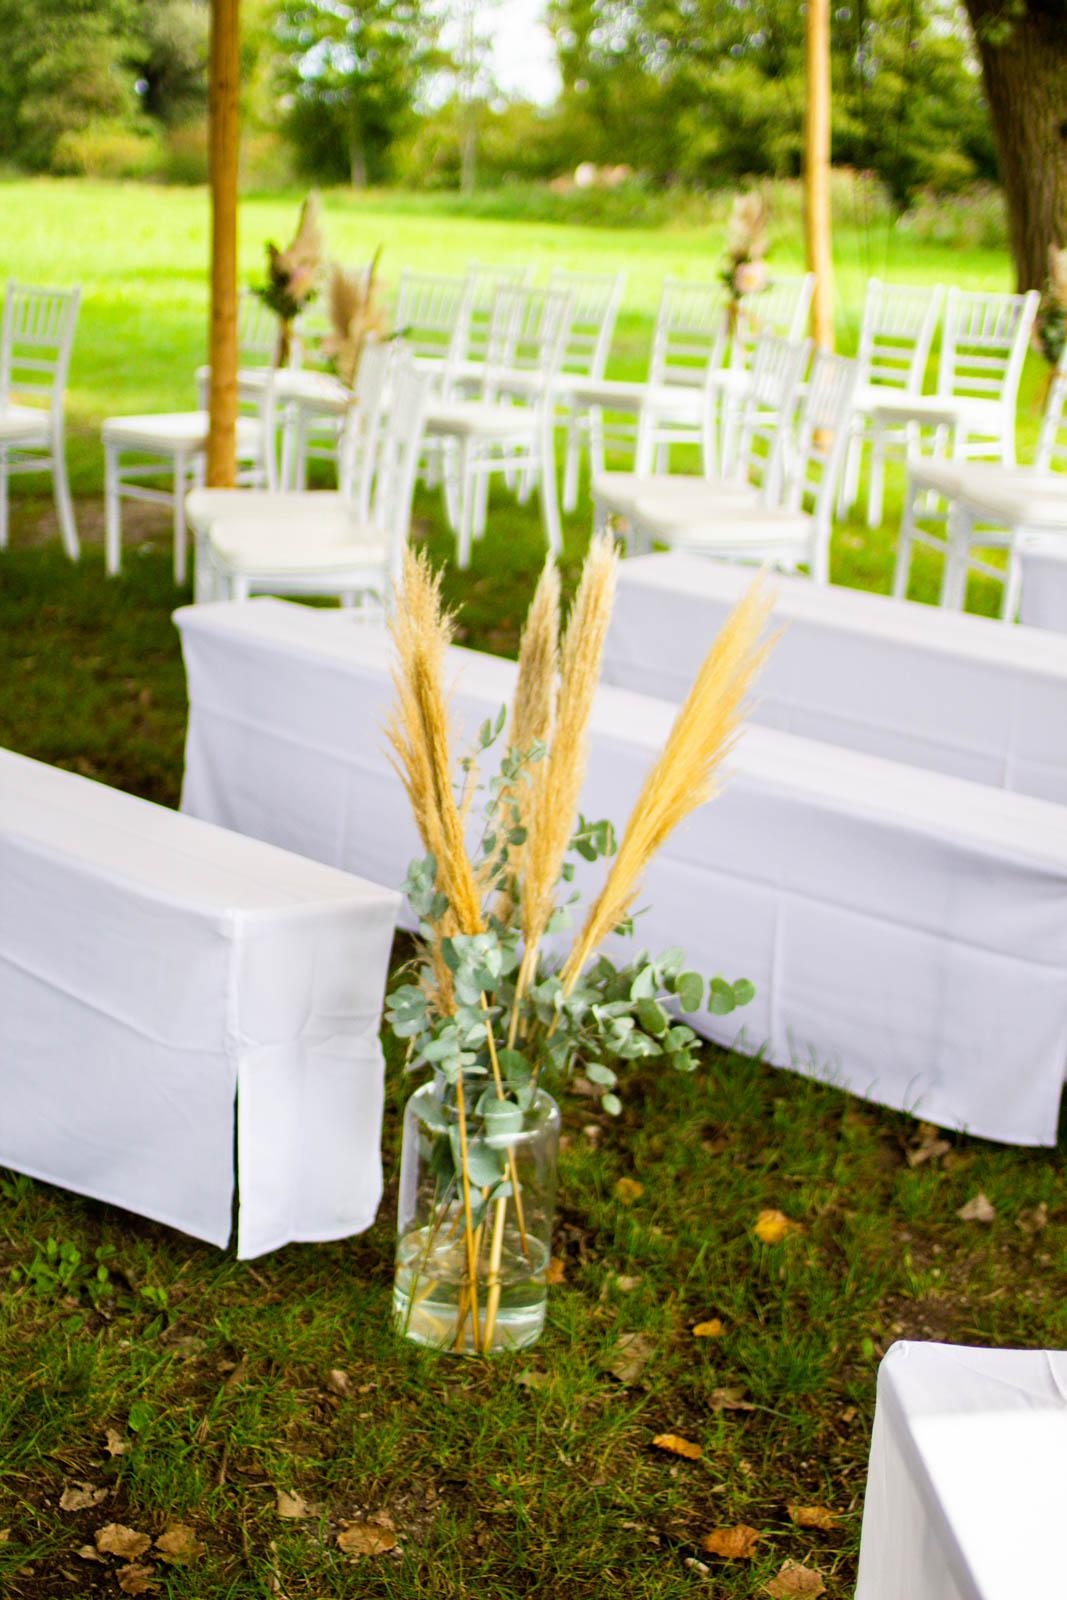 Freie Trauung für die Outdoor-Hochzeit